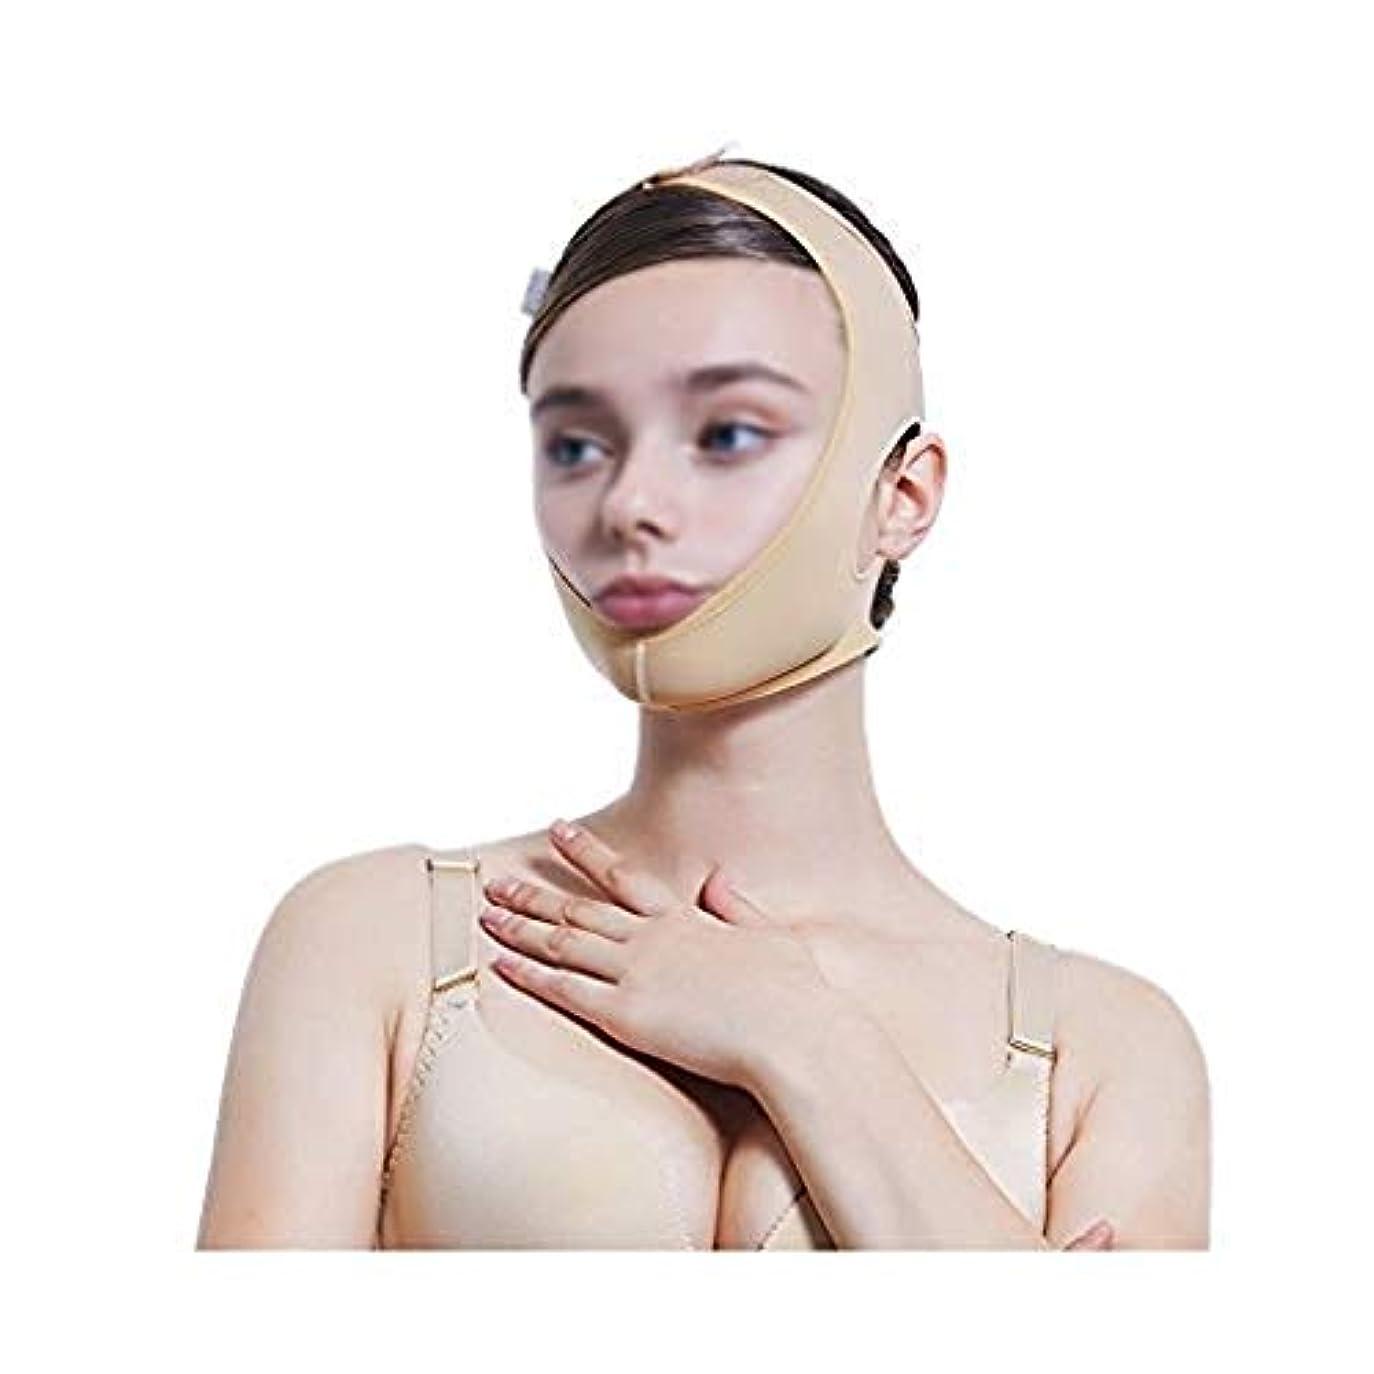 制限スピン進化MLX フェイスアンドネックリフト、減量ポストヘッドシンダブルチンアーティファクトVフェイスビームフェイスジョーセットフェイスマスク (Size : M)